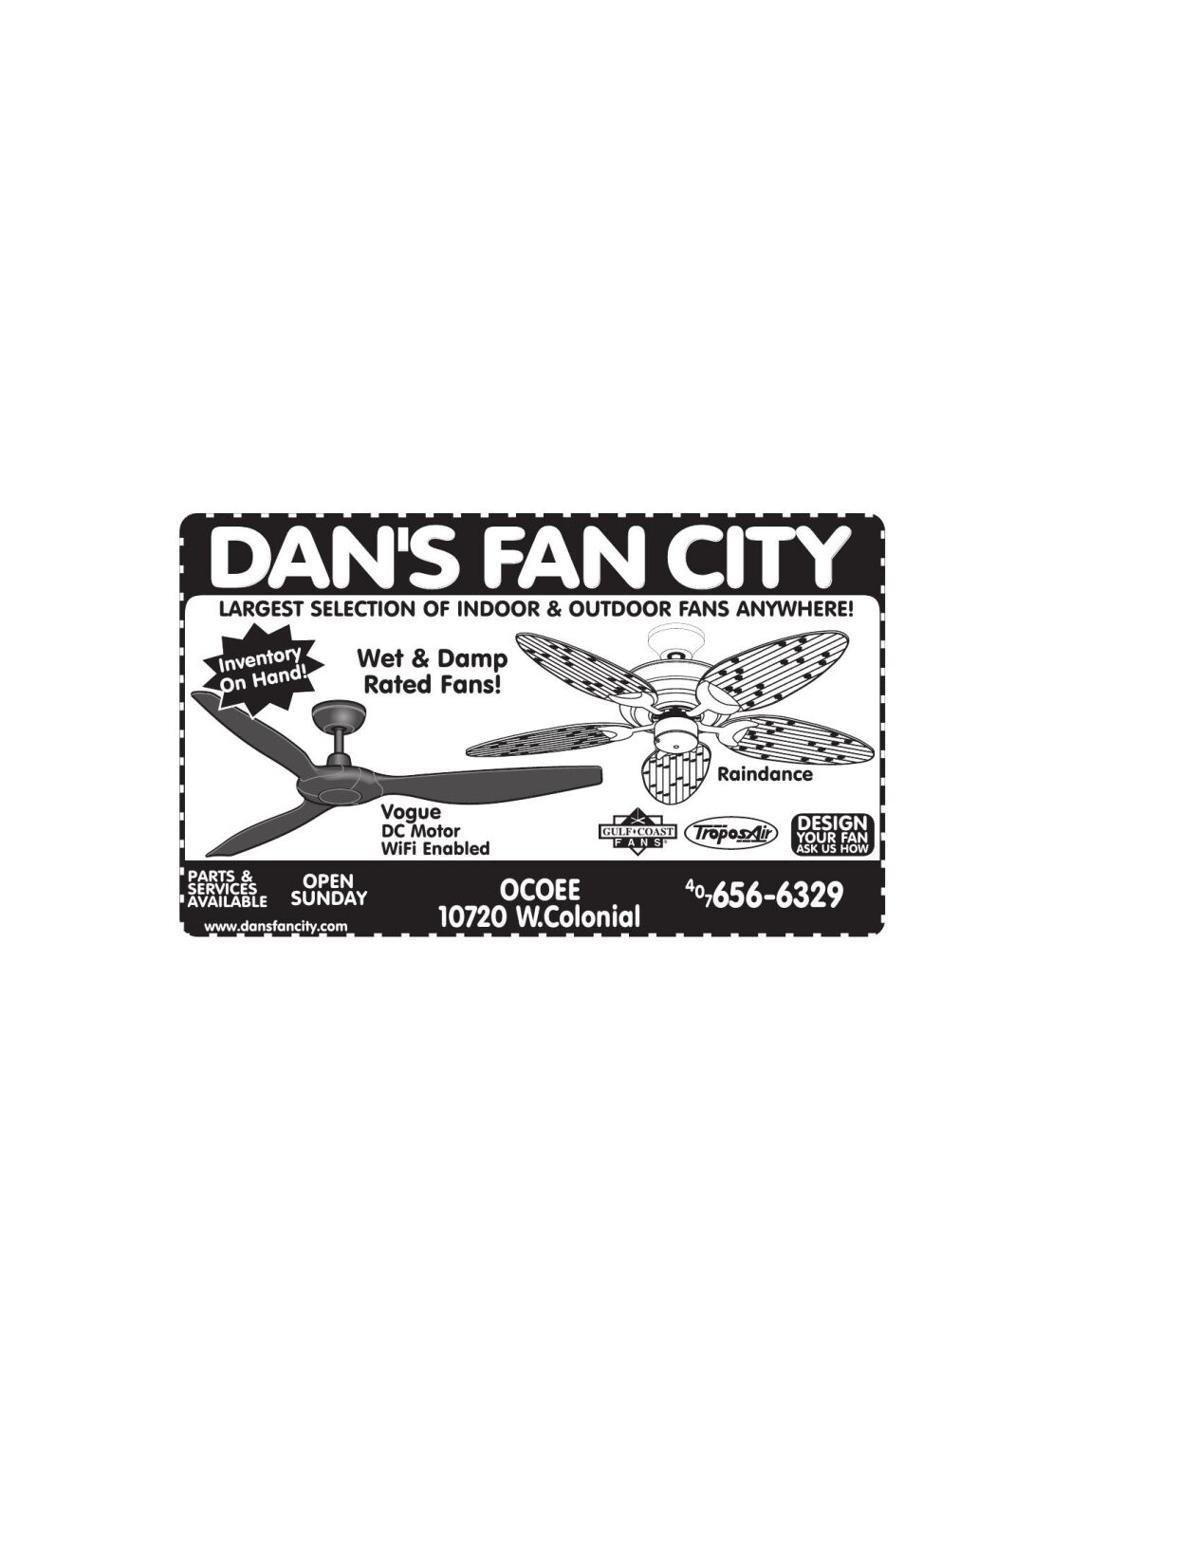 Dan's Fans